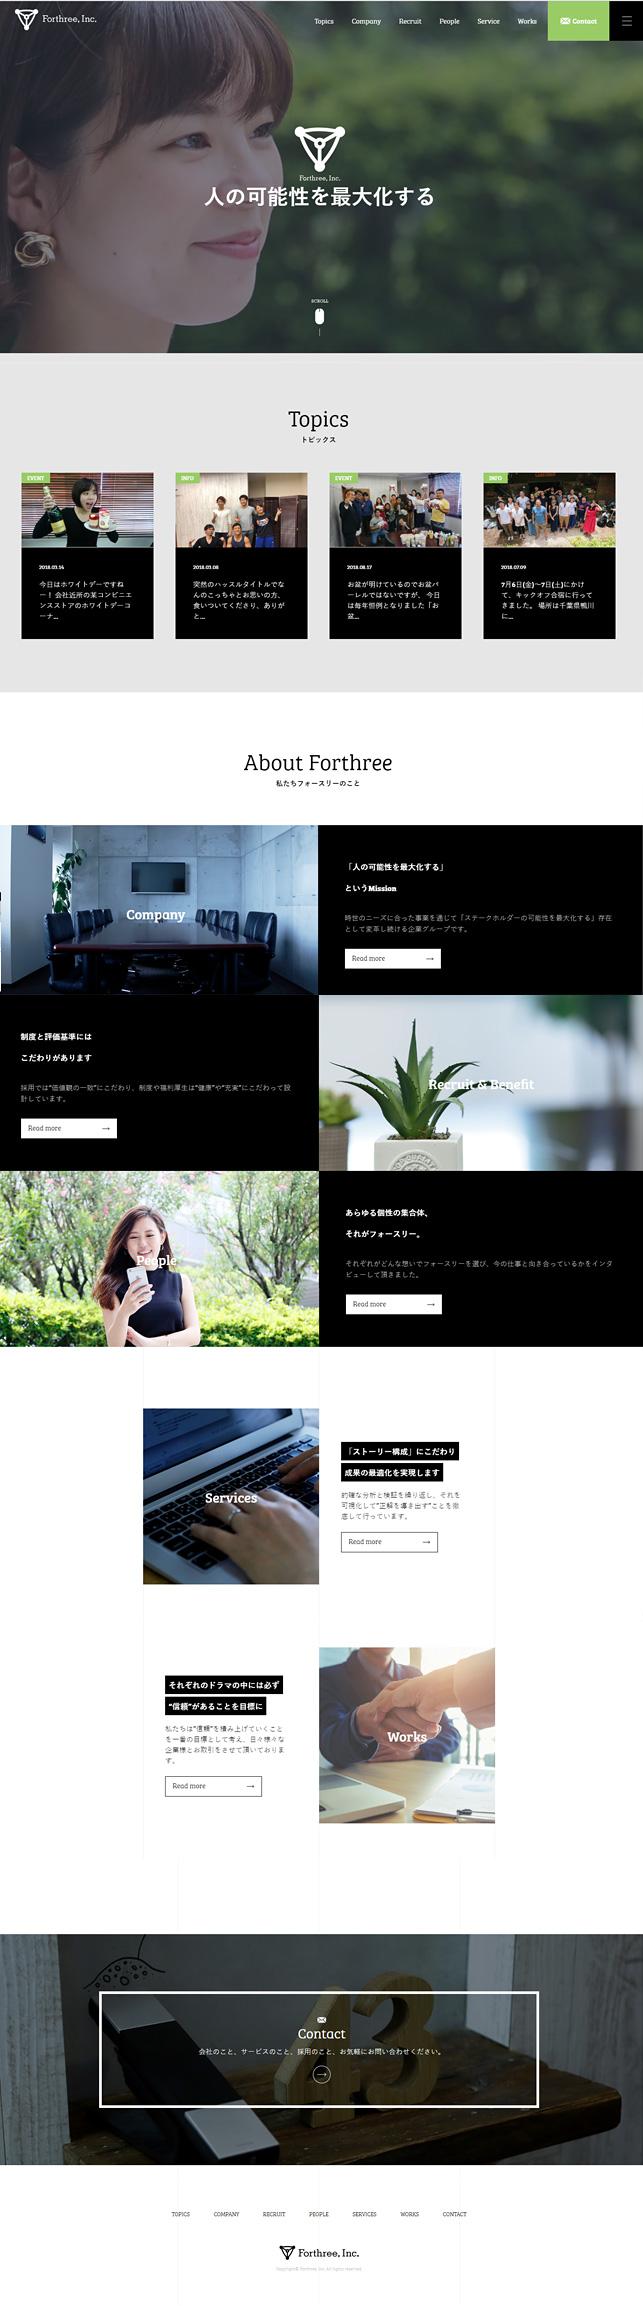 ウェブサイト制作実績・ウェブサイトデザイン実績・IT関連・ウェブ広告代理店・ウェブ広告コンサルティング会社